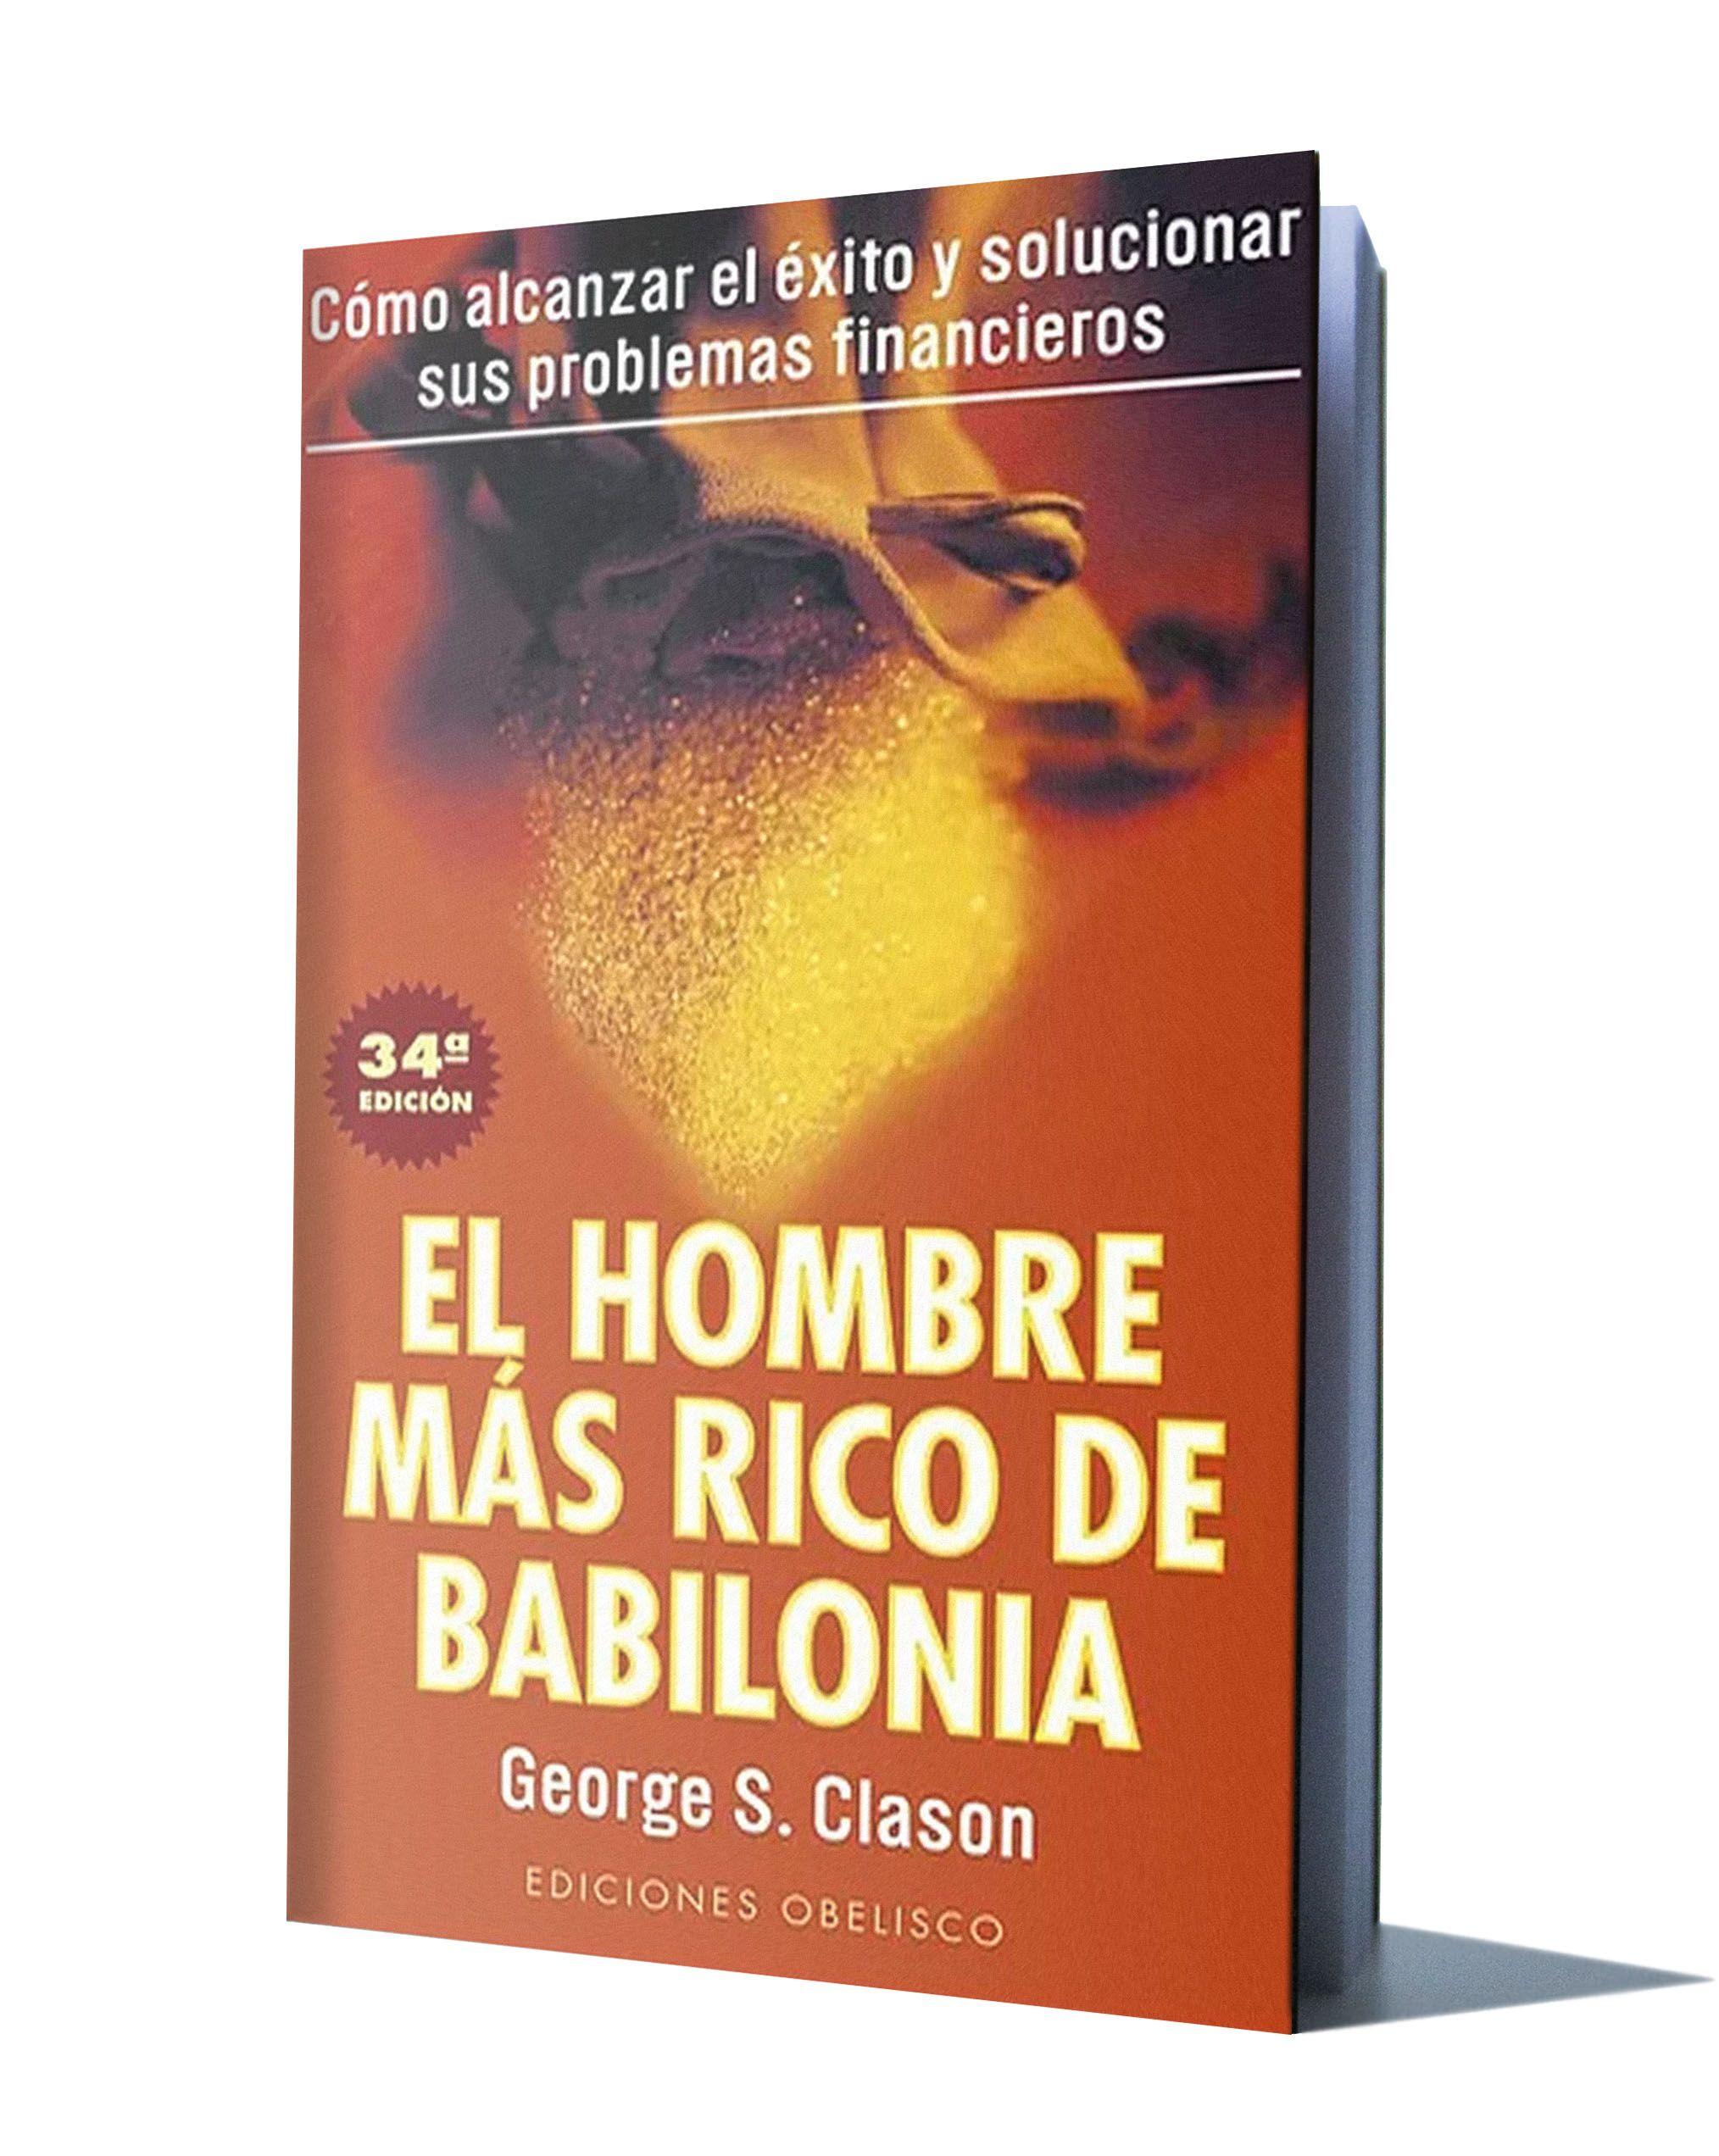 EL HOMBRE MAS RICO DE BABILONIA - GEORGE S. CLASON ...